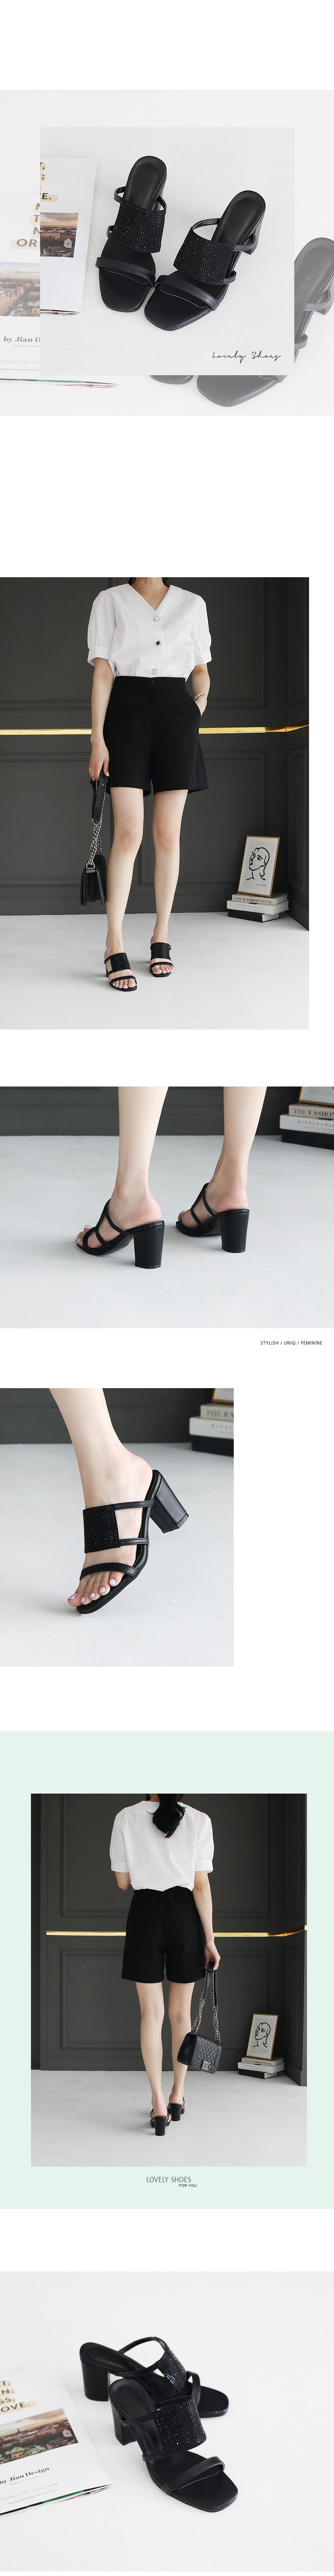 Odinz Mule Slippers 7cm